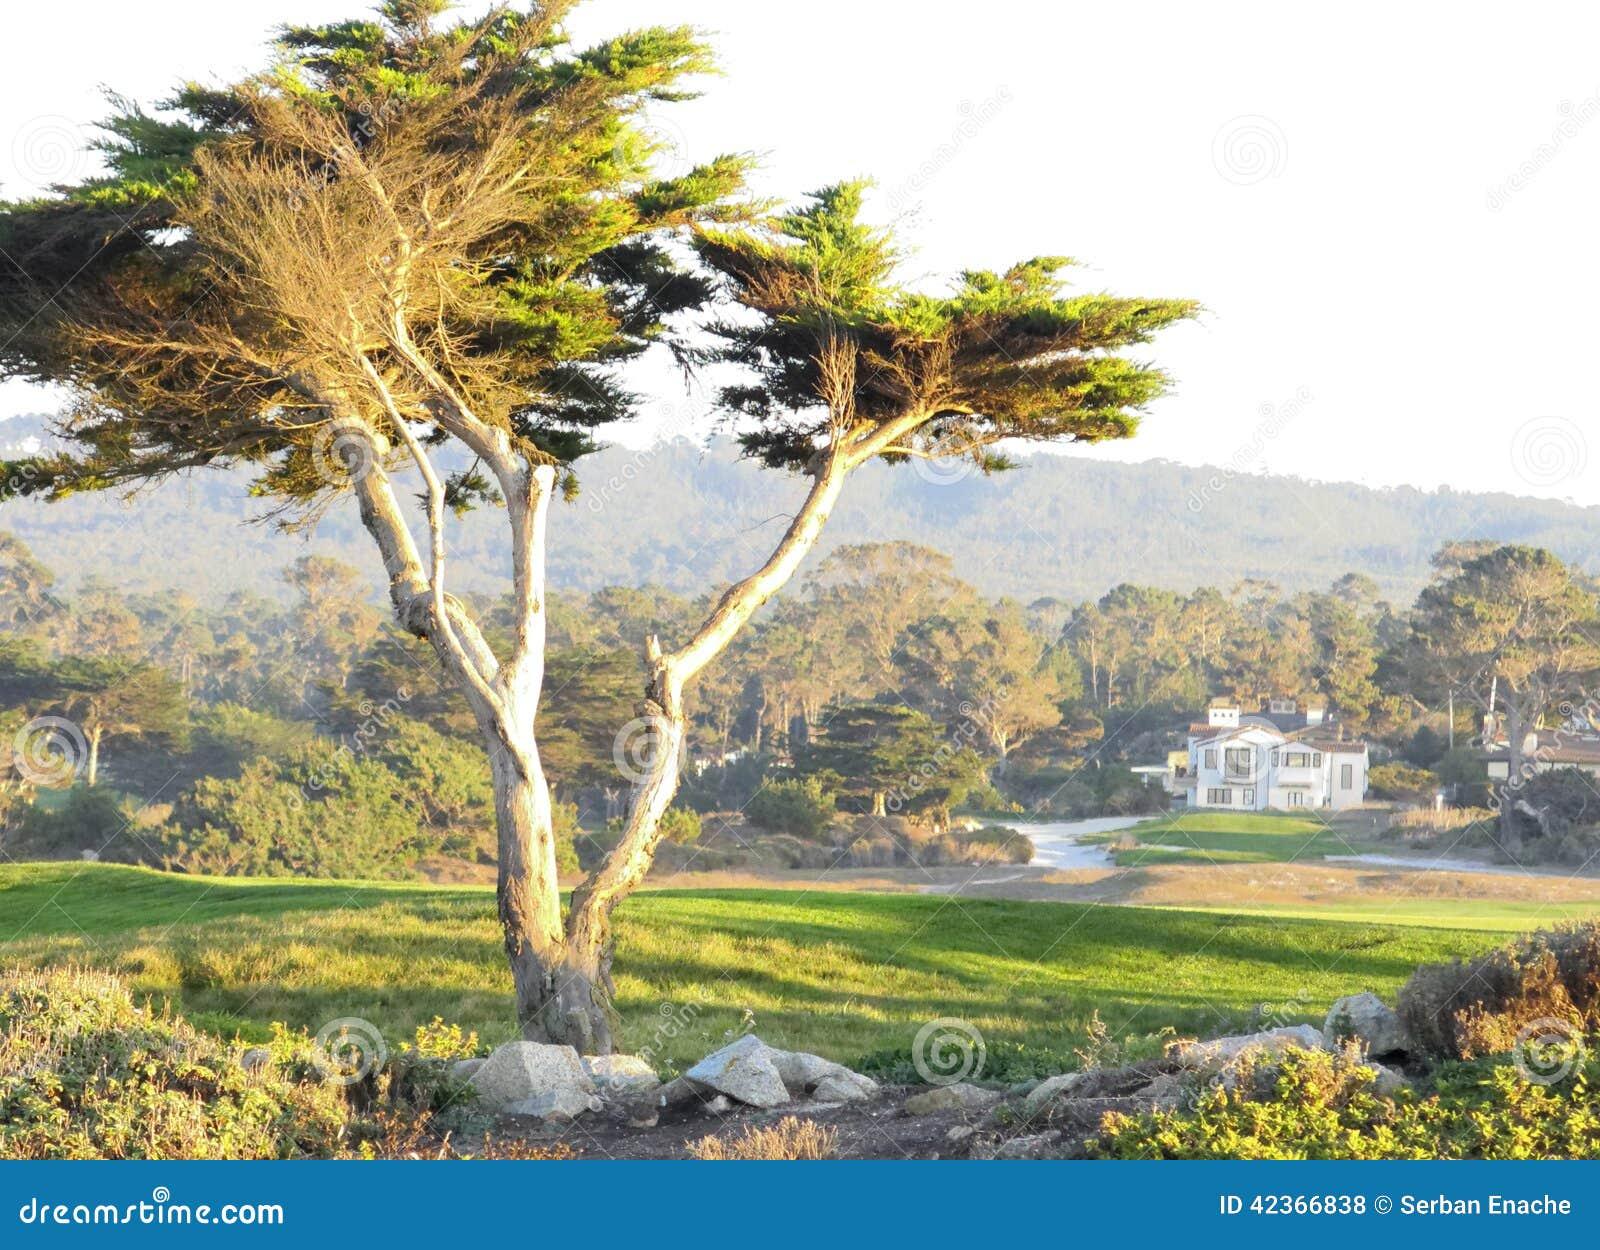 Landskap av Carmel i Kalifornien